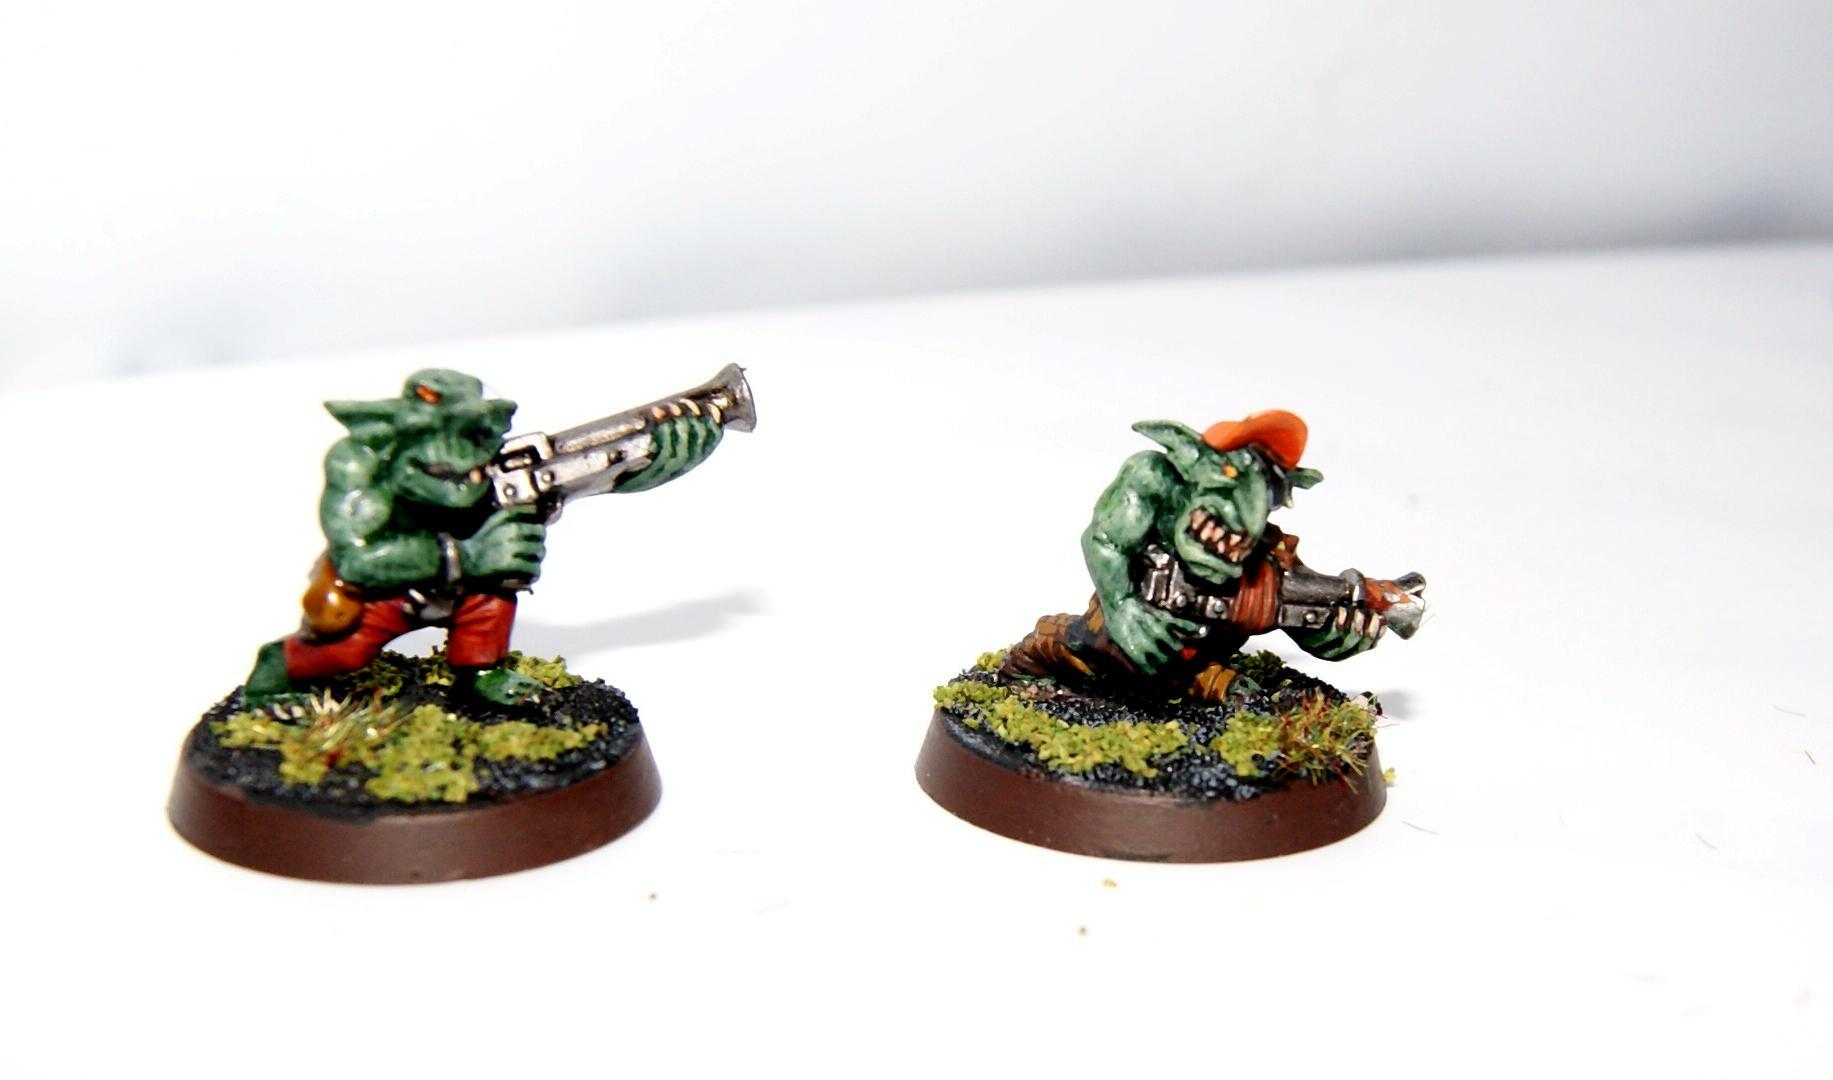 Grot Rebellion, Grot Rebels, Grots, Warhammer 40,000